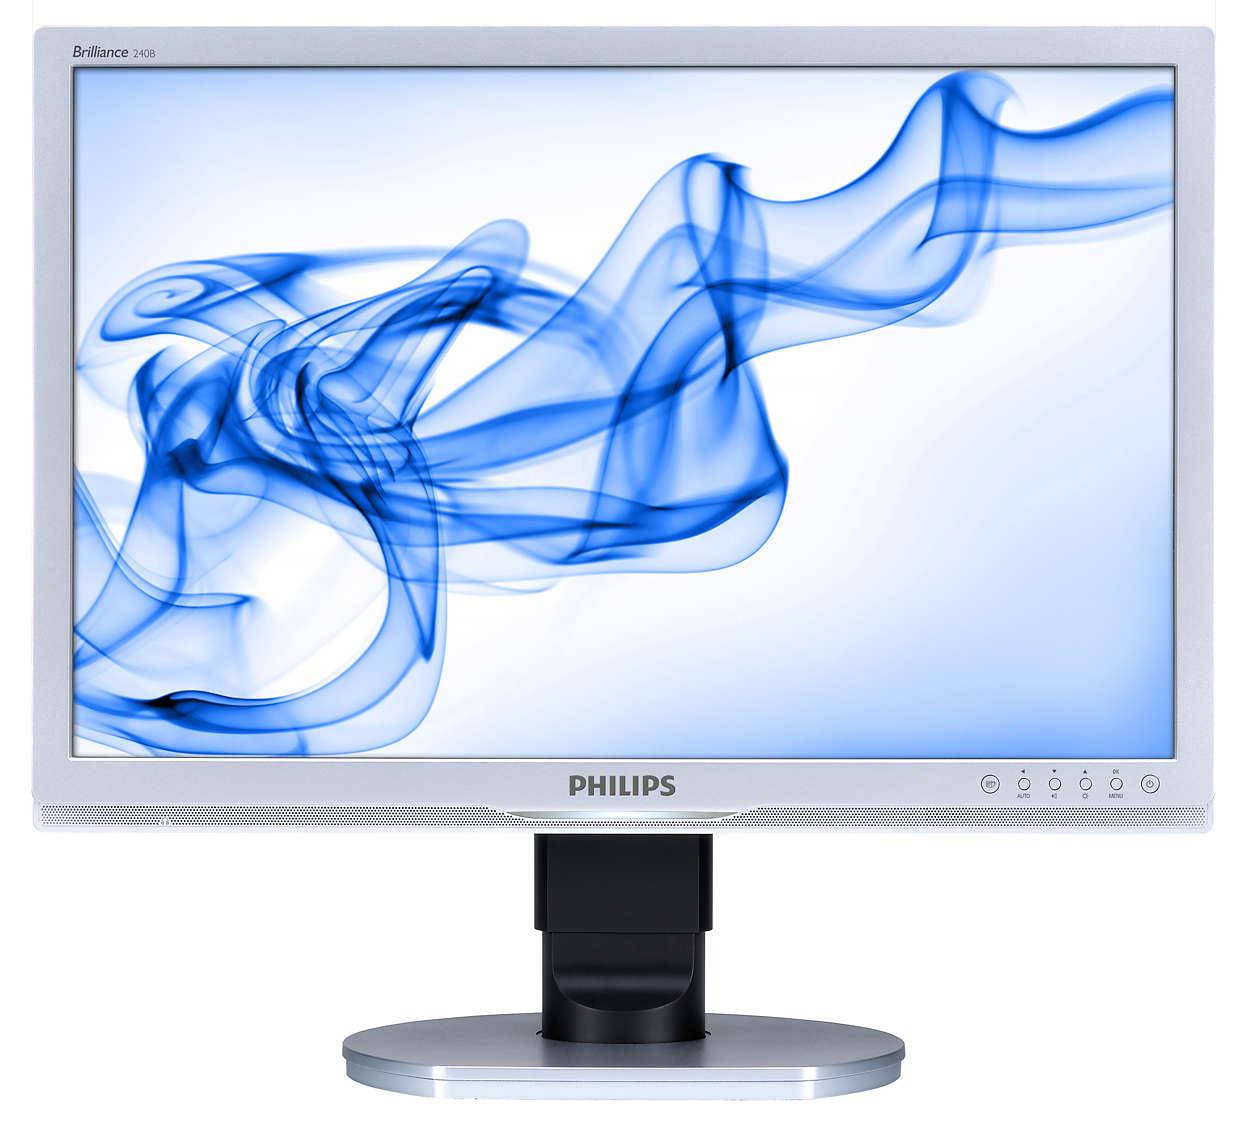 Großes ergonomisches Display zur Steigerung der Produktivität